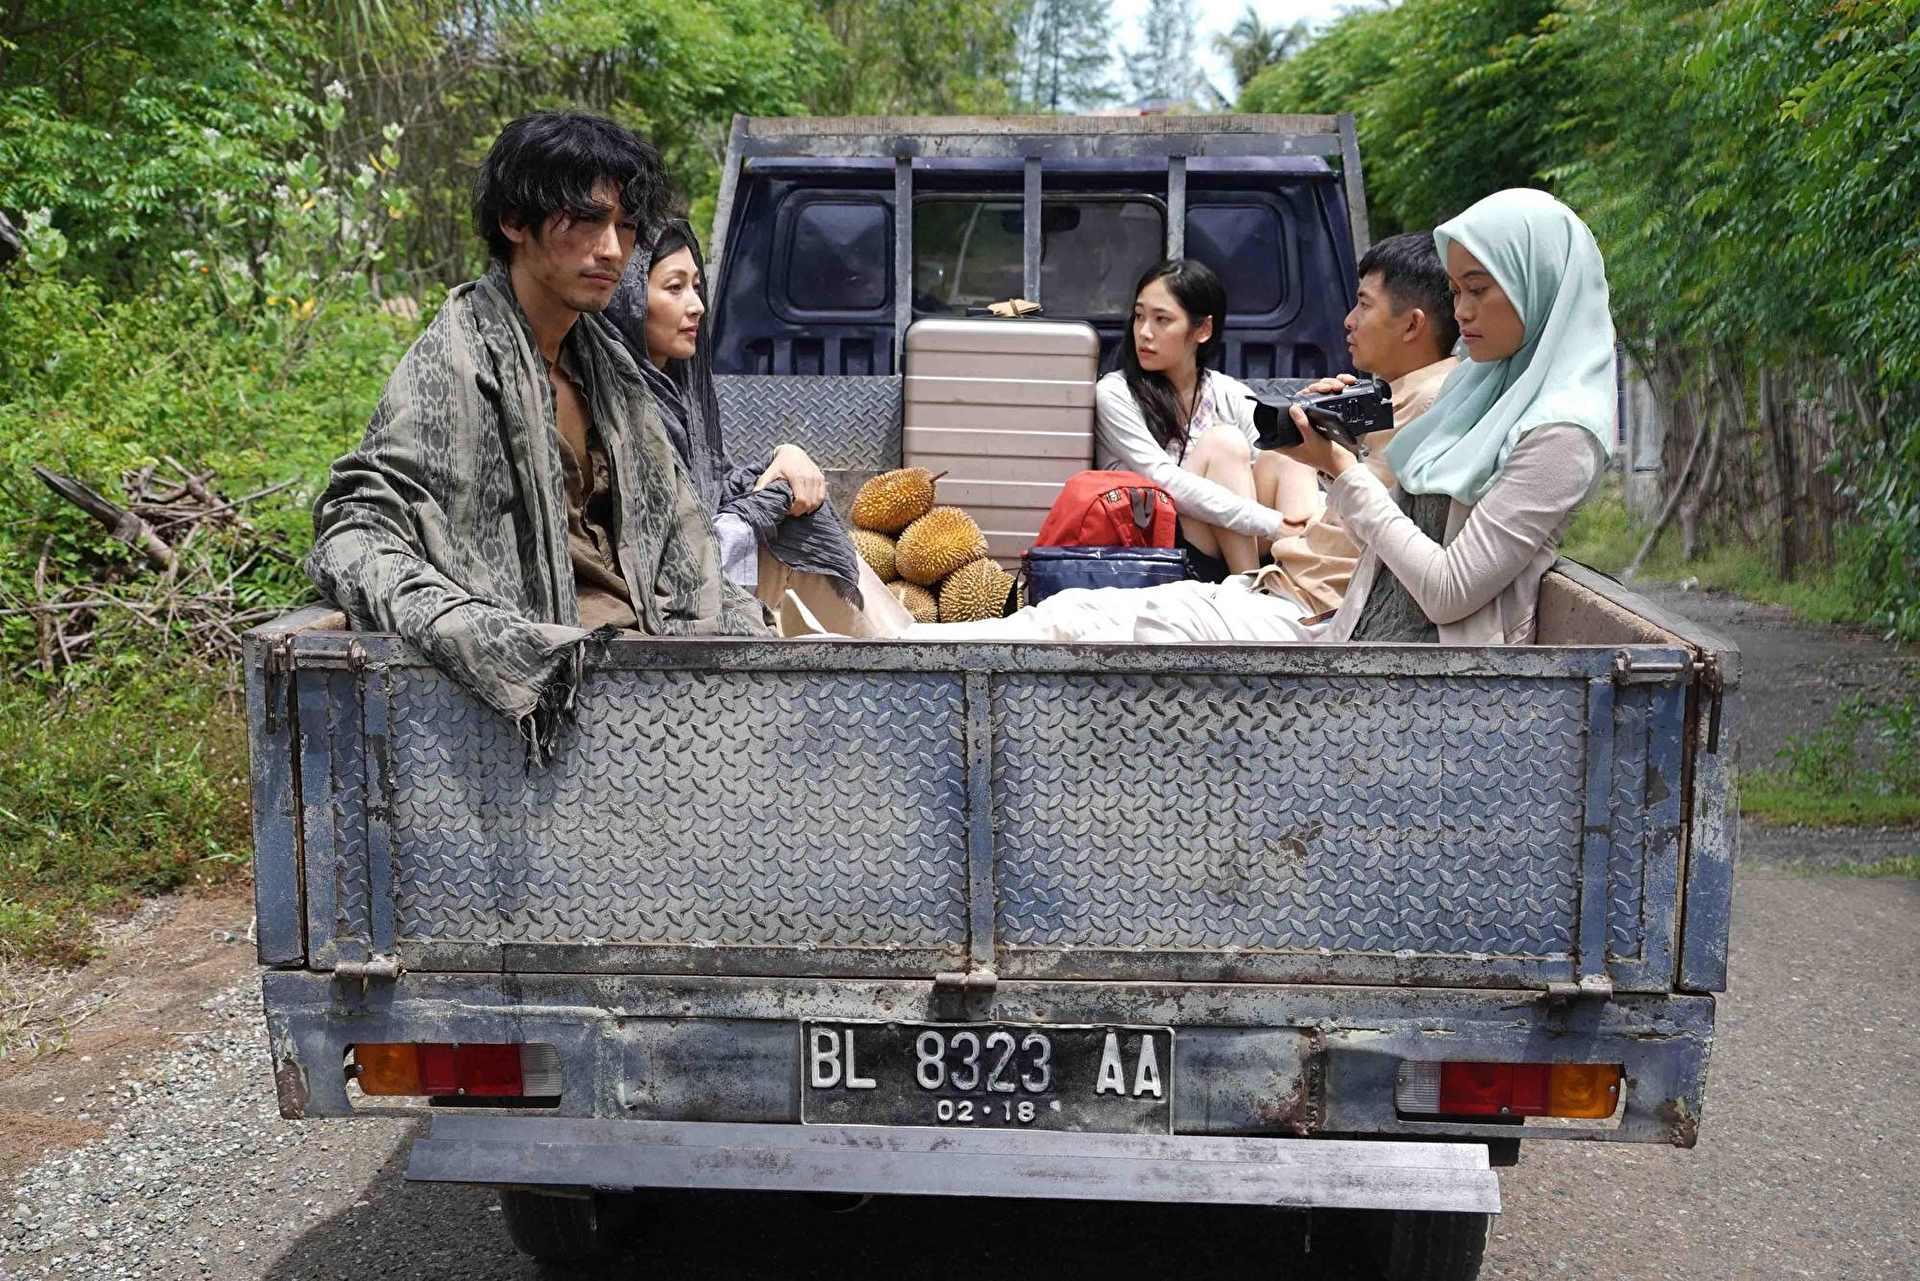 來自大海的男人|看不懂的日本意識流電影心得與評論 Movie The Man from the Sea Truck